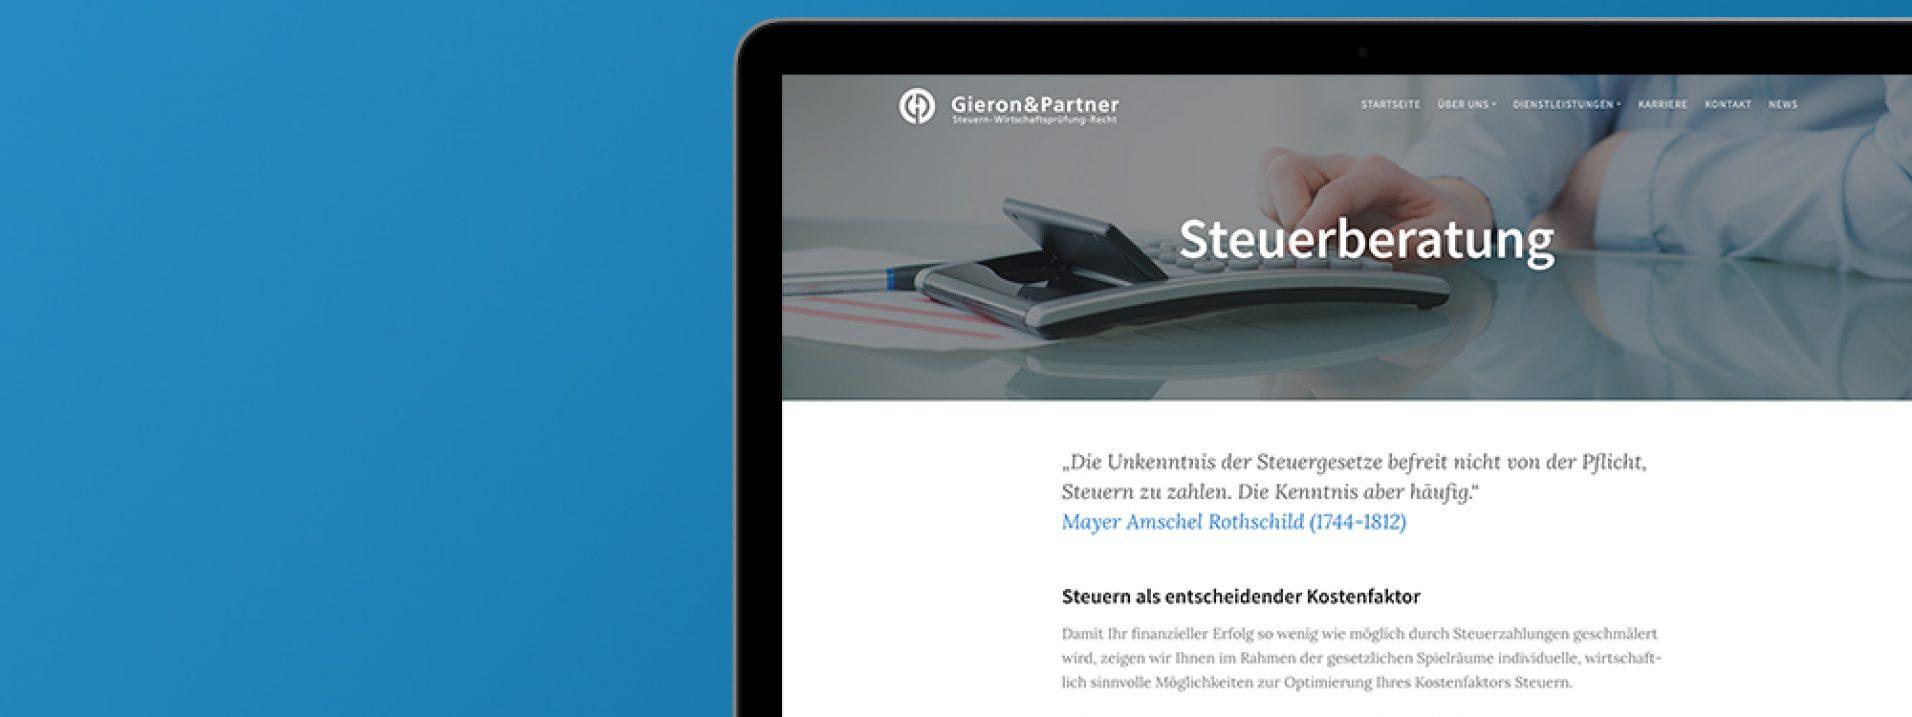 """Vorschau des Referenzprojekts """"Steuerkanzlei Gieron & Partner"""" der Berliner Werbeagentur und Internetagentur Dive Designs"""